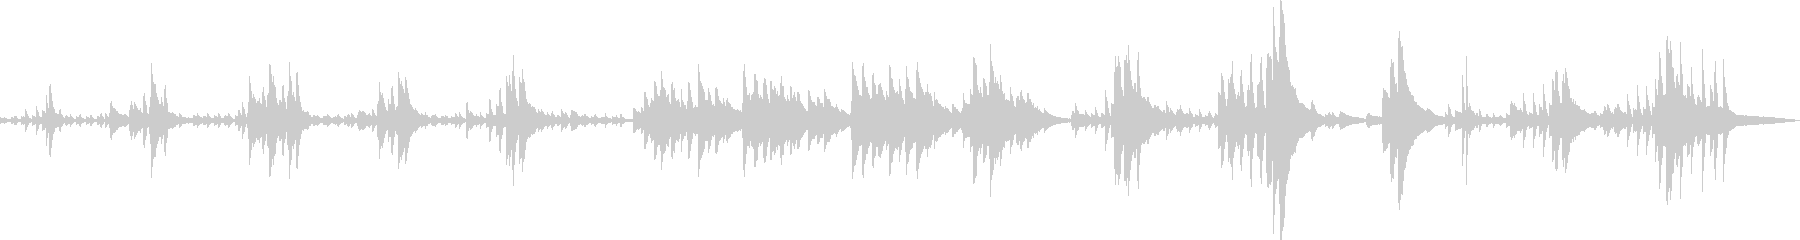 絶望の中で(ピアノ・悲しい・BGM)の未再生の波形